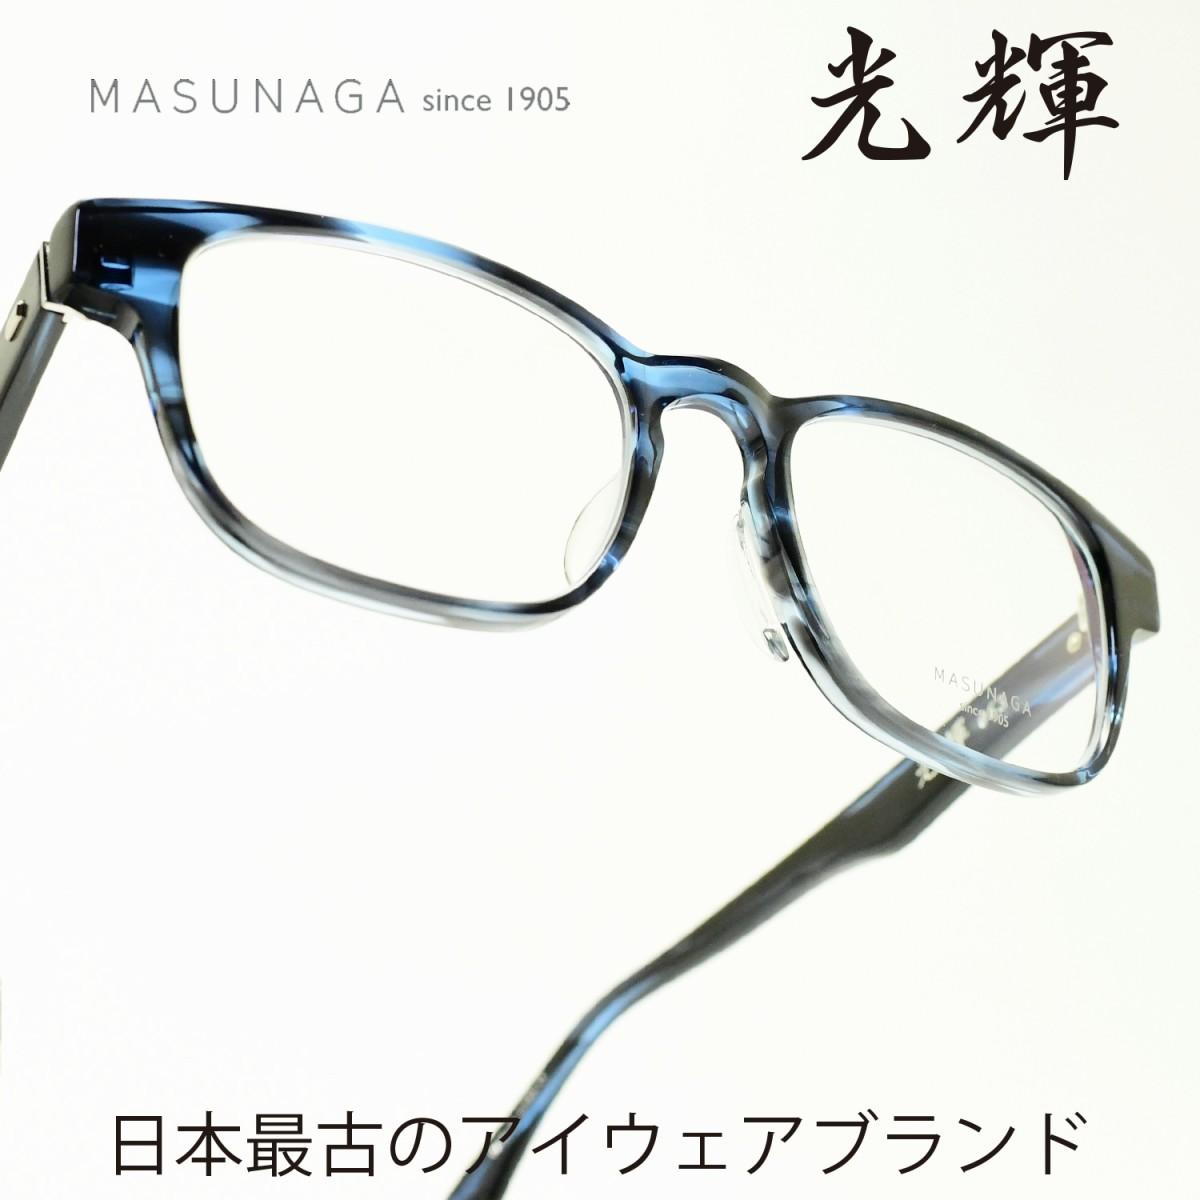 増永眼鏡 MASUNAGA光輝 063 col-35 BLUEメガネ 眼鏡 めがね メンズ レディース おしゃれブランド 人気 おすすめ フレーム 流行り 度付き レンズ